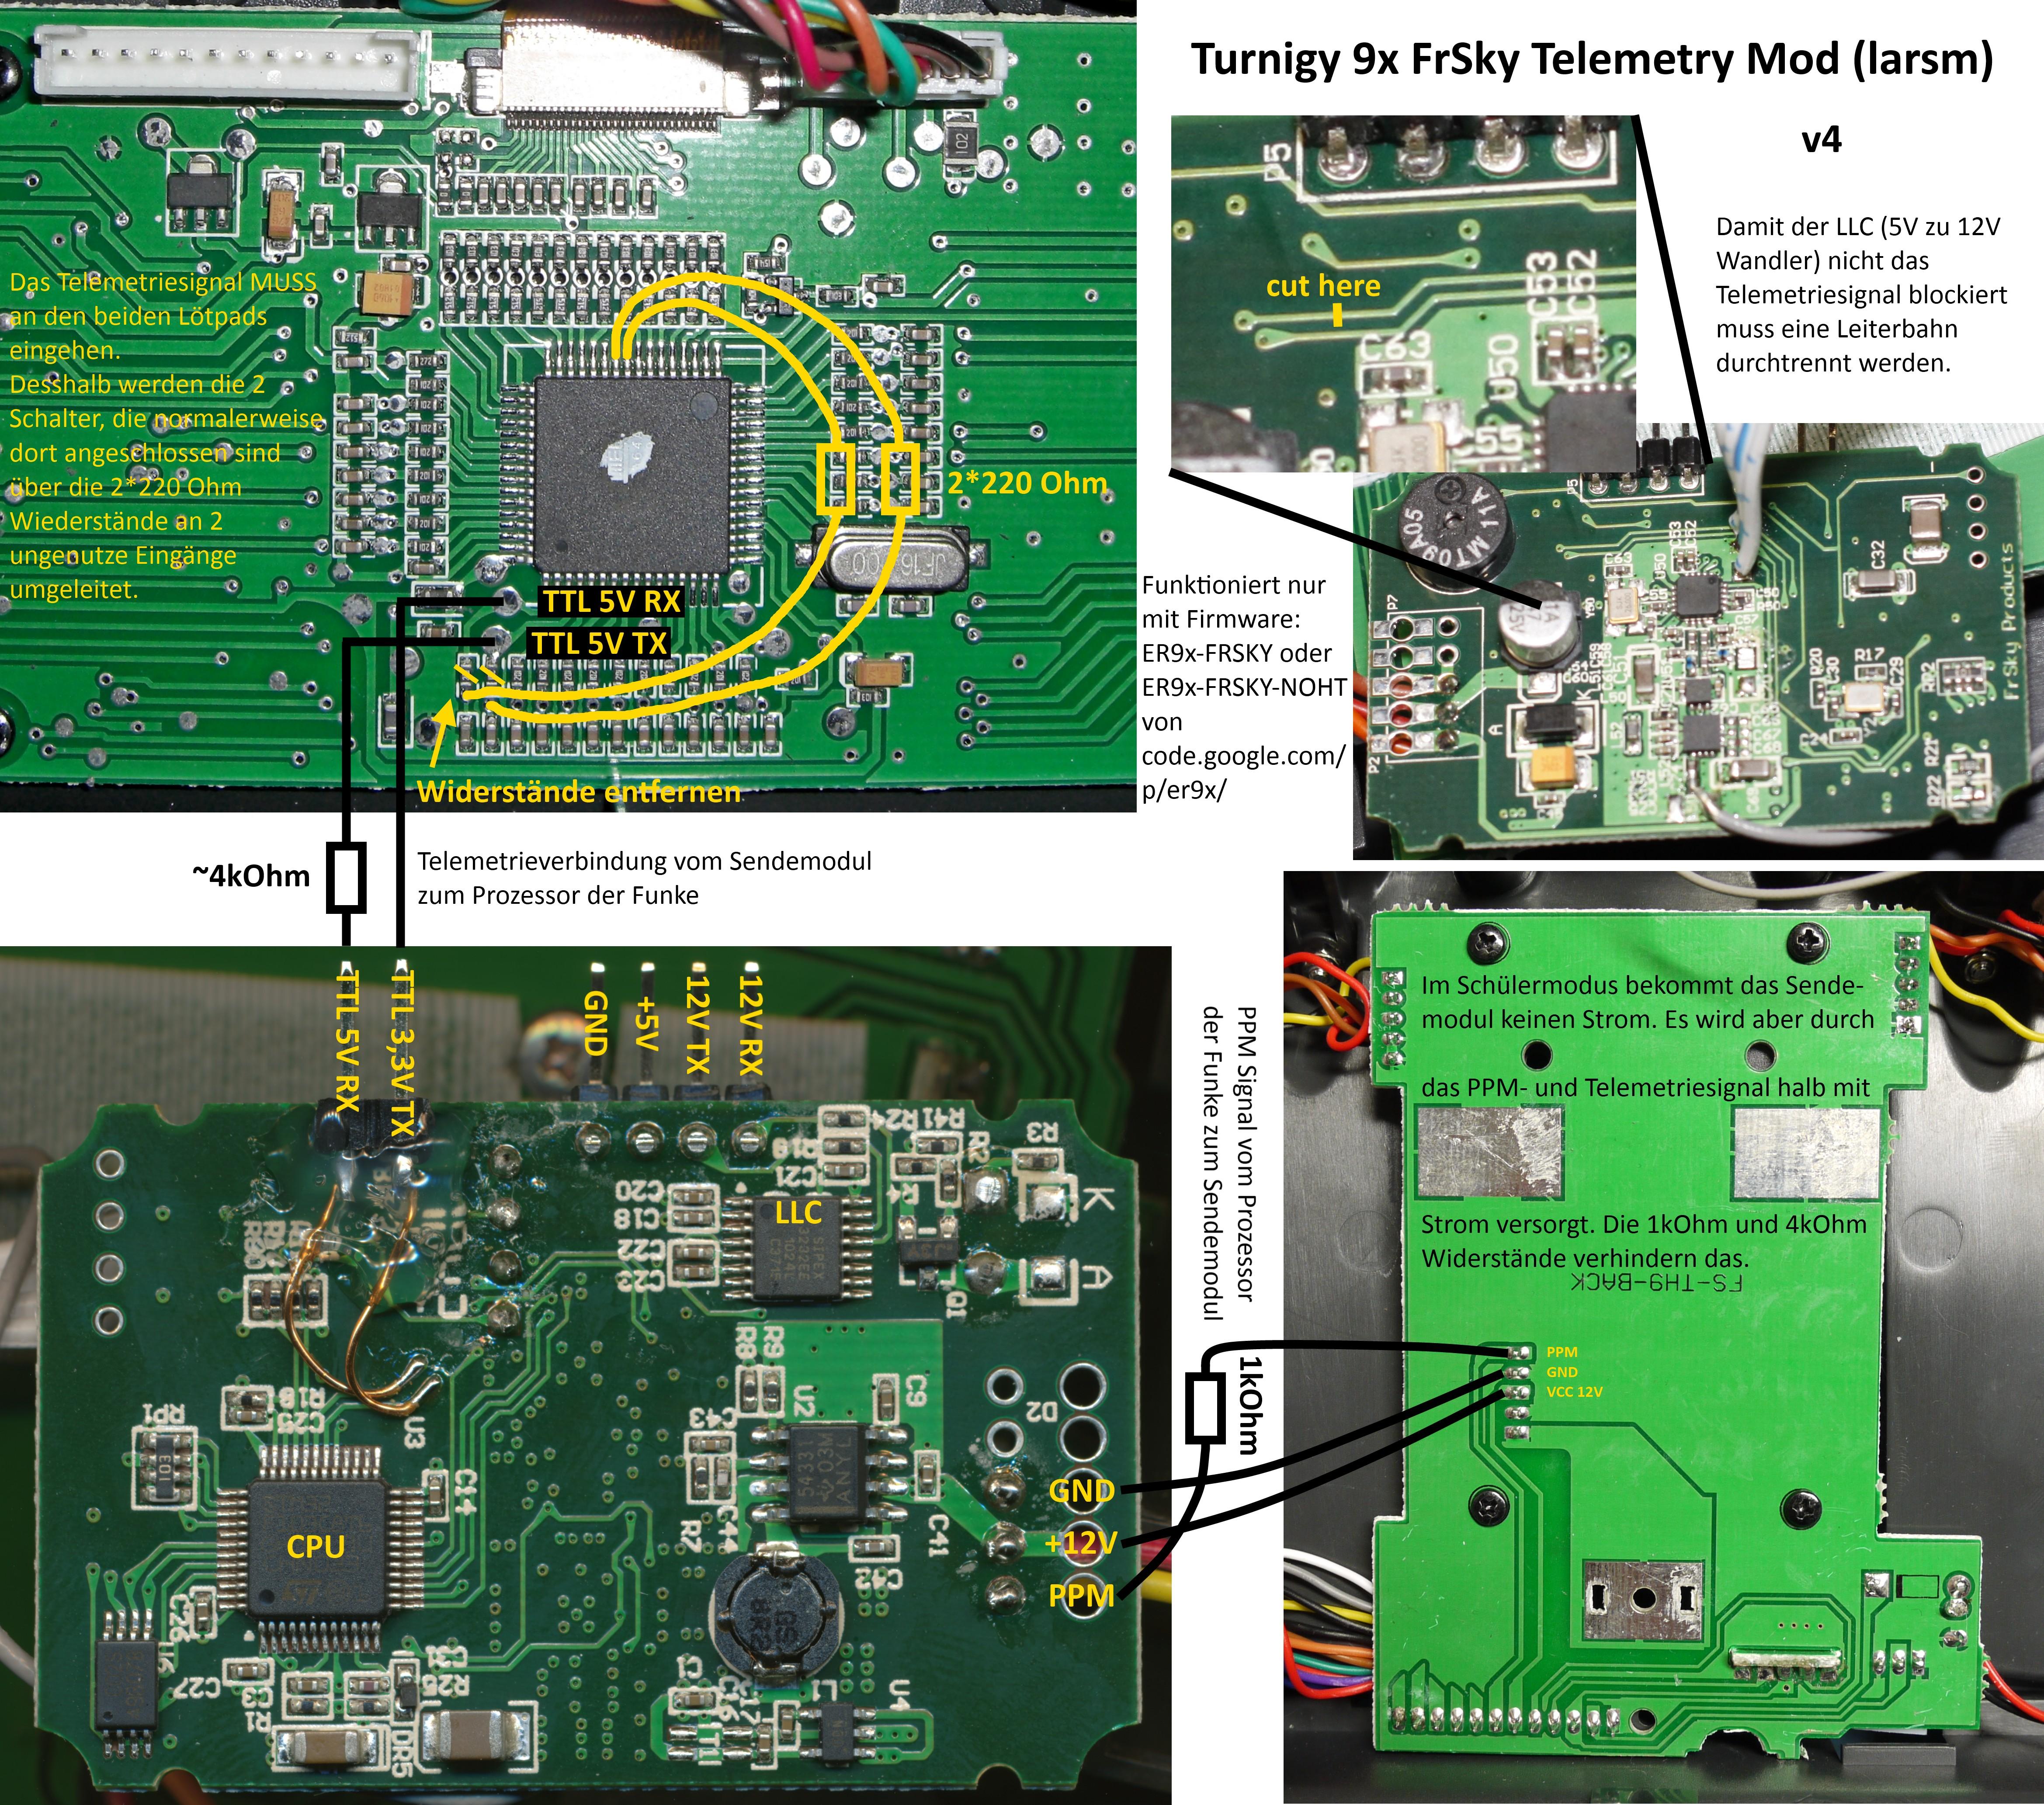 Modifikation der Turnigy 9x Fernsteuerung mit FrSky Telemetrie